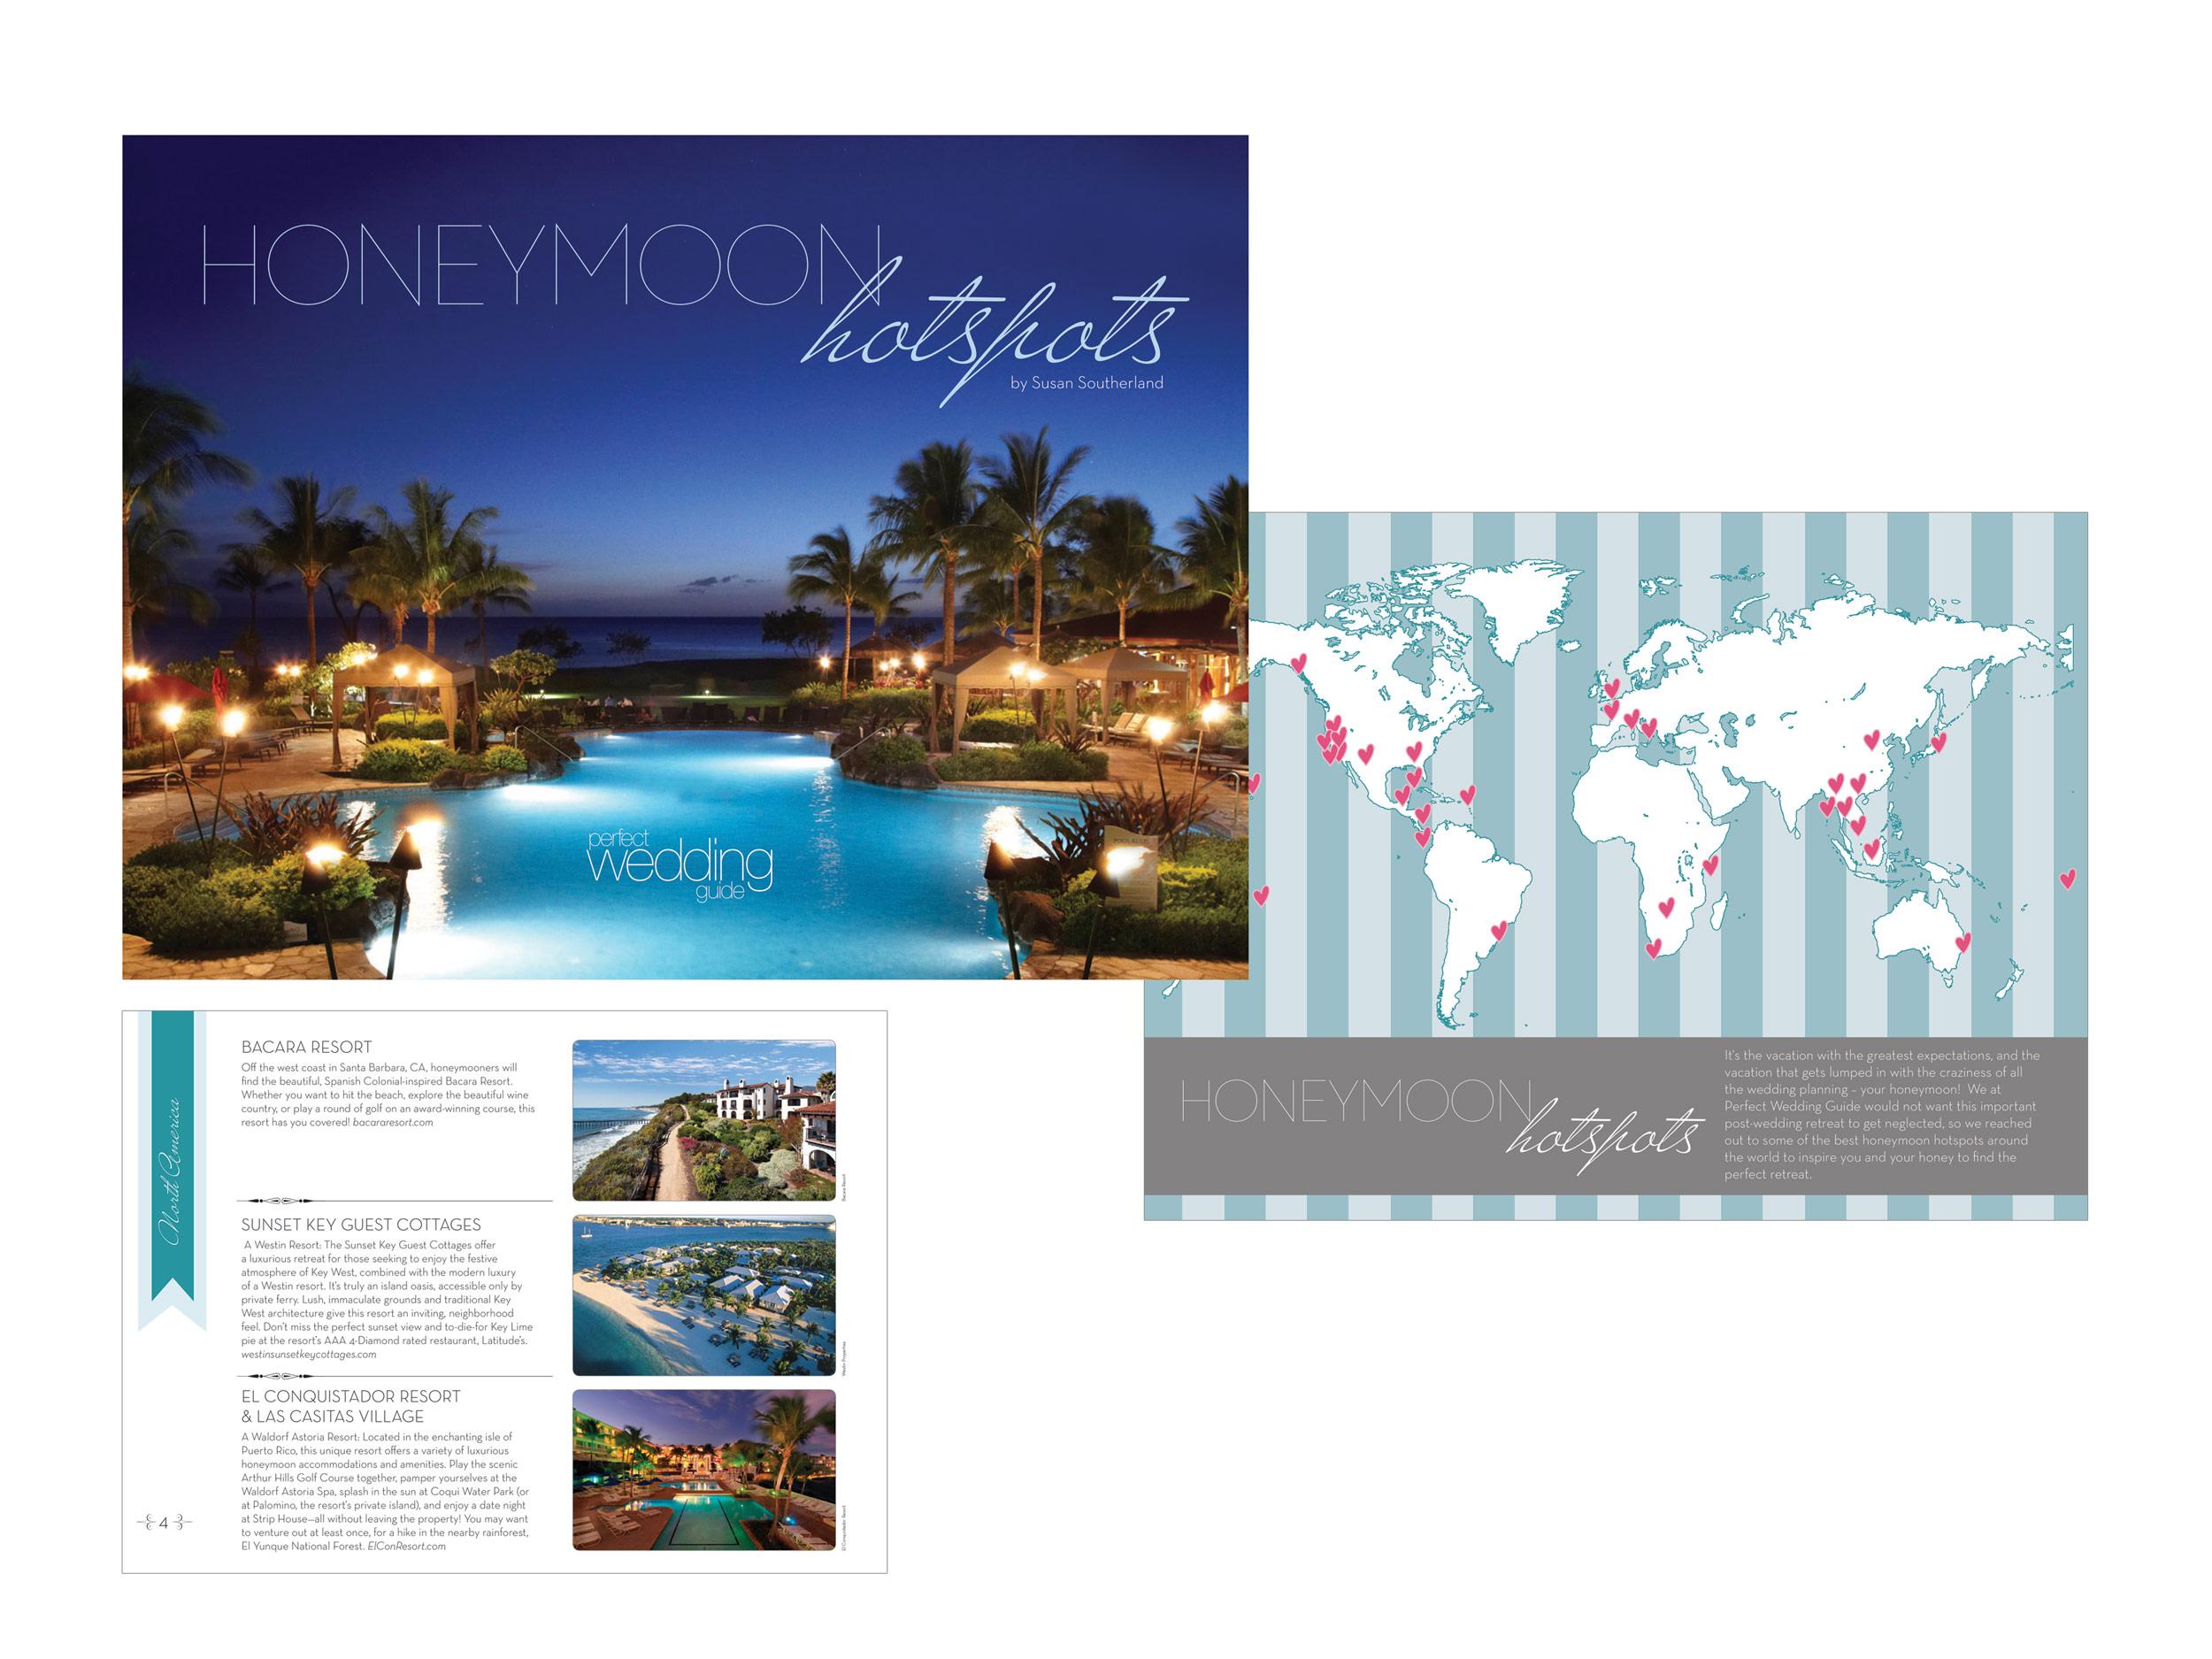 HoneymoonSpotlight_Ebook-1.jpg